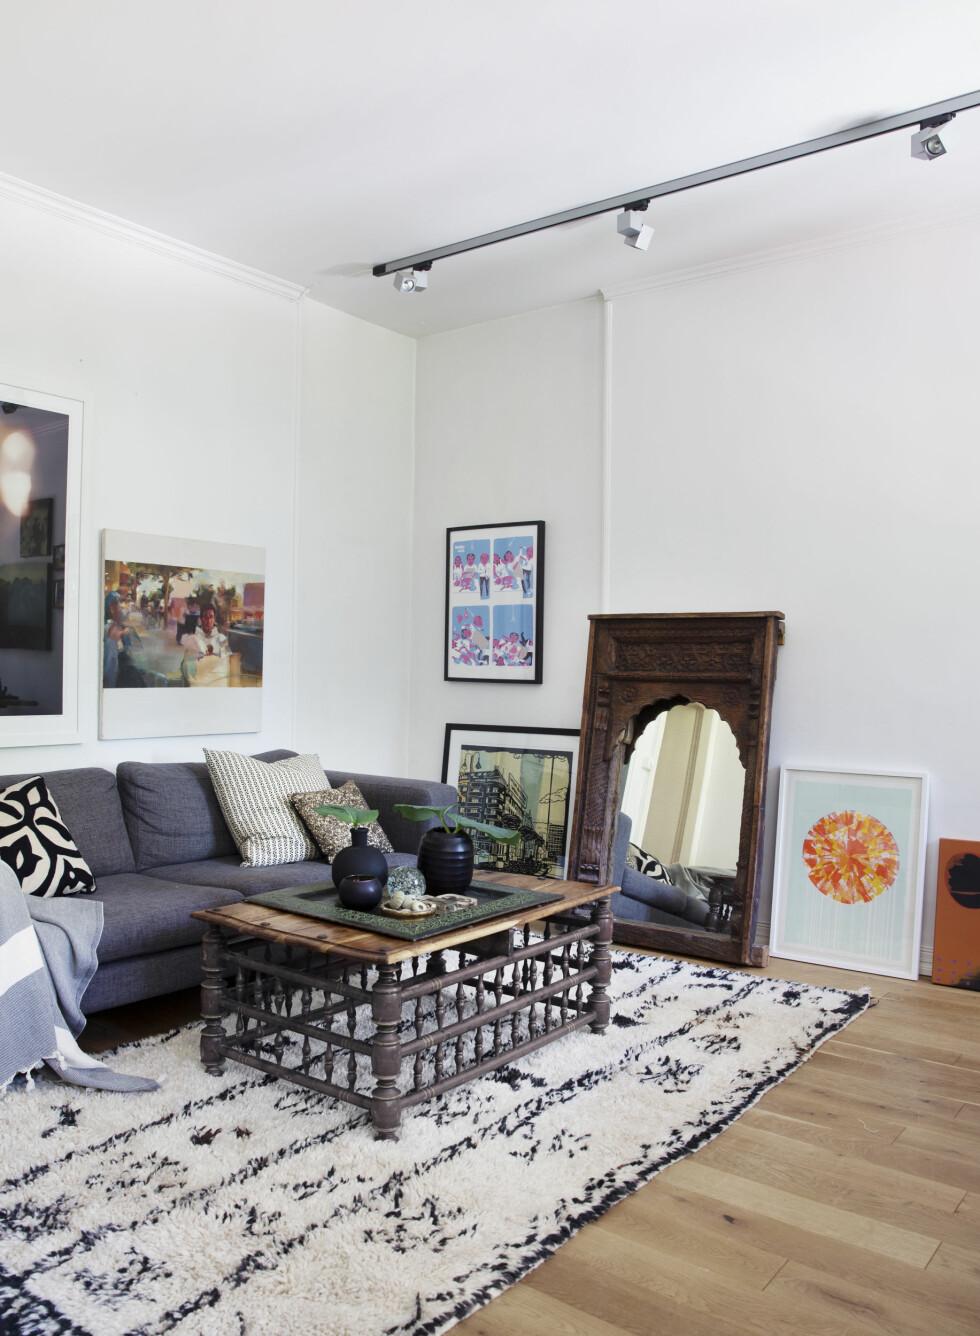 BILDER PÅ GULVET: De to bildene nærmest sofaen er av den ungarske kunstneren Szolt Vidák, som har stilt ut i galleriet til Eva Christin. Sofaen er fra Raun og kjøpt brukt. Bordet er arvegods og fra Bali. Alle bildene trenger ikke henges opp. Det kan bli flott å stille dem på gulvet også!  Foto: Yvonne Wilhelmsen